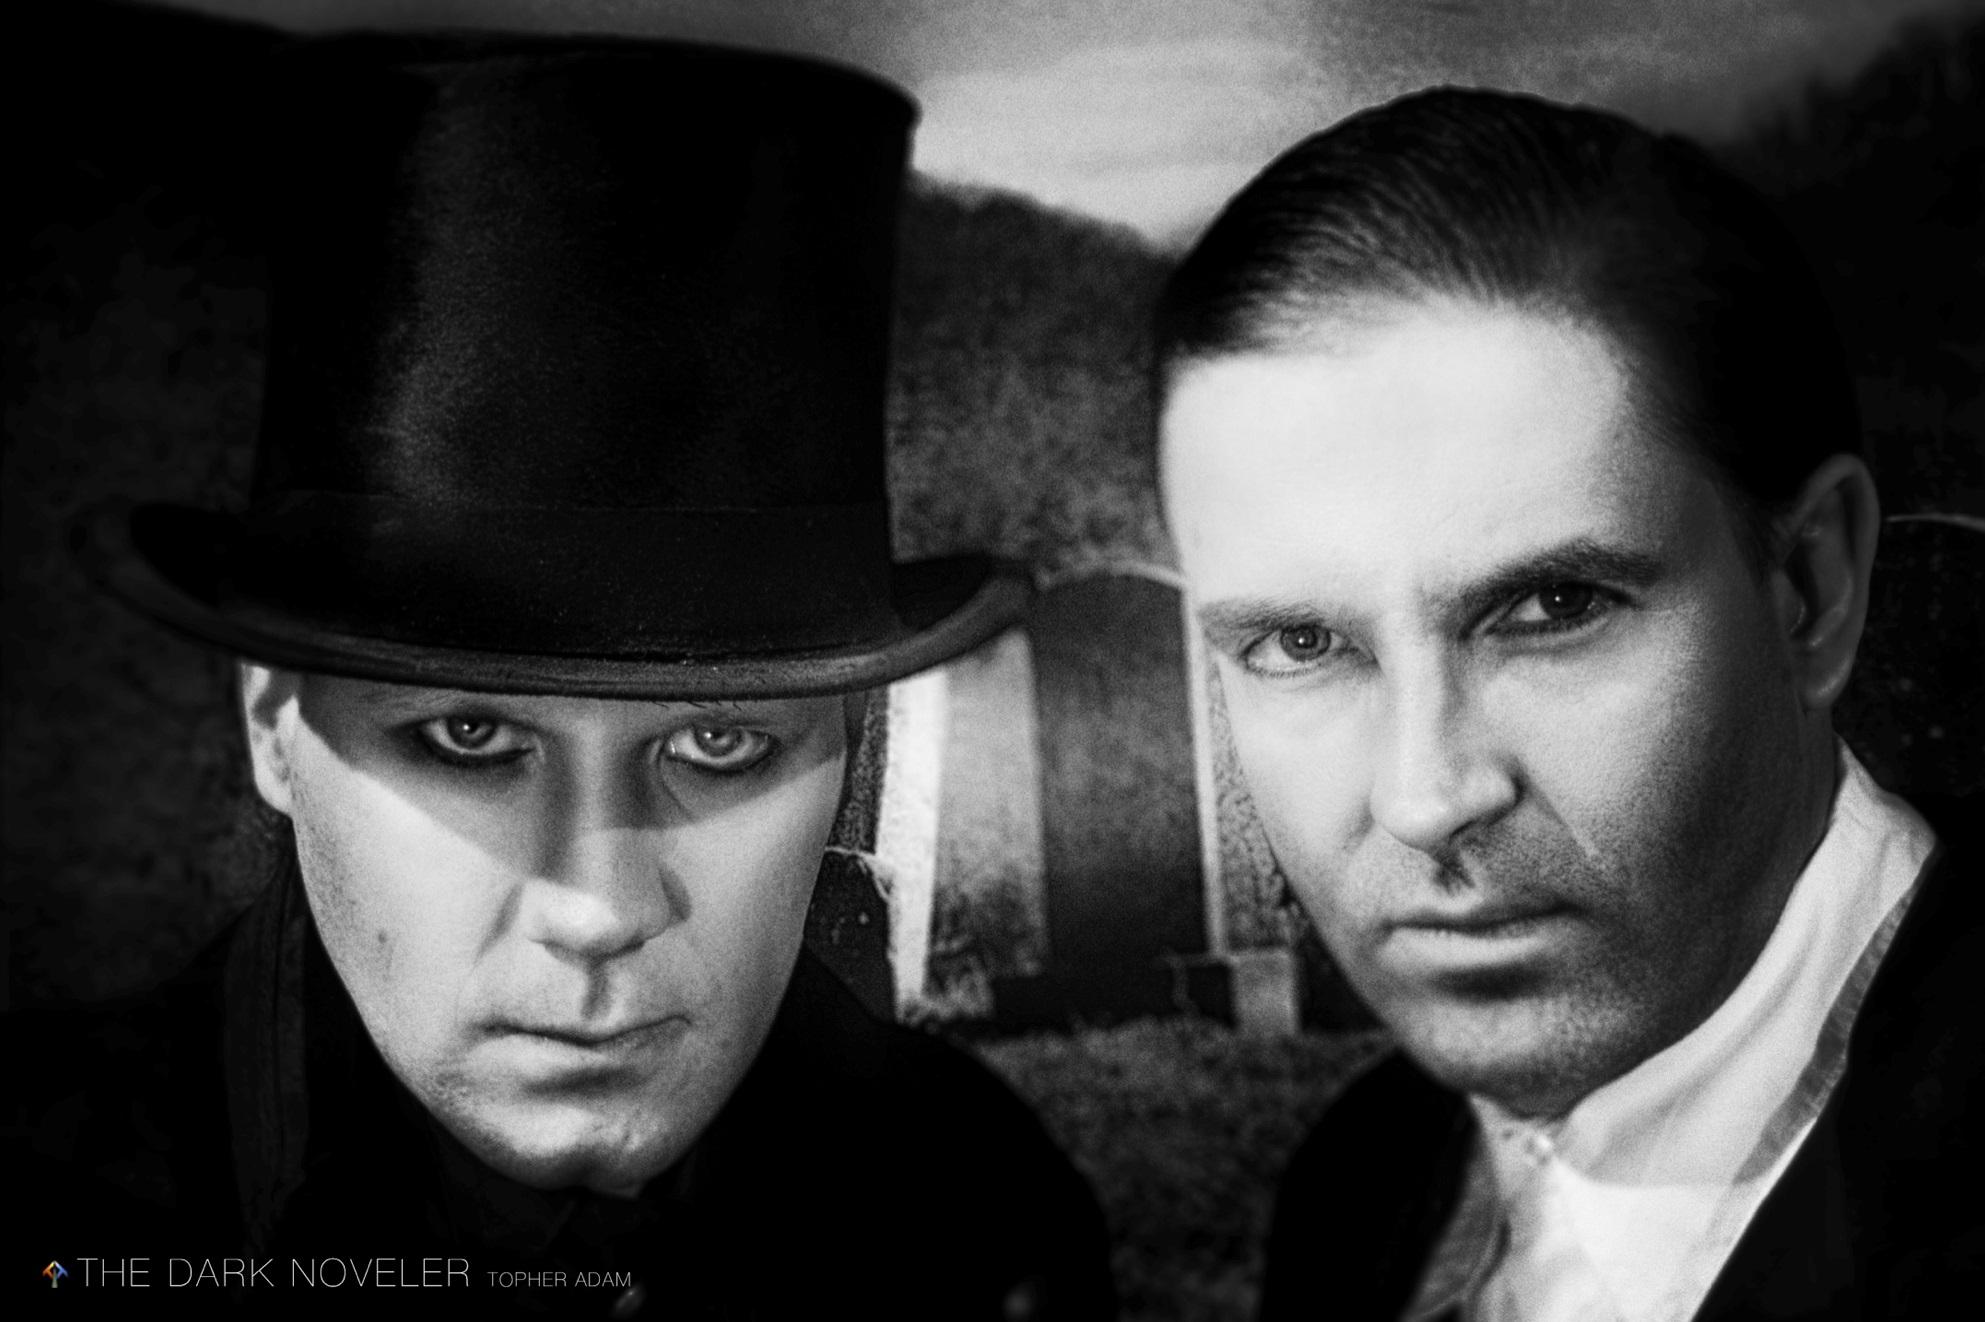 Edward Douglas and Gavin Goszka Band Photo from 2013